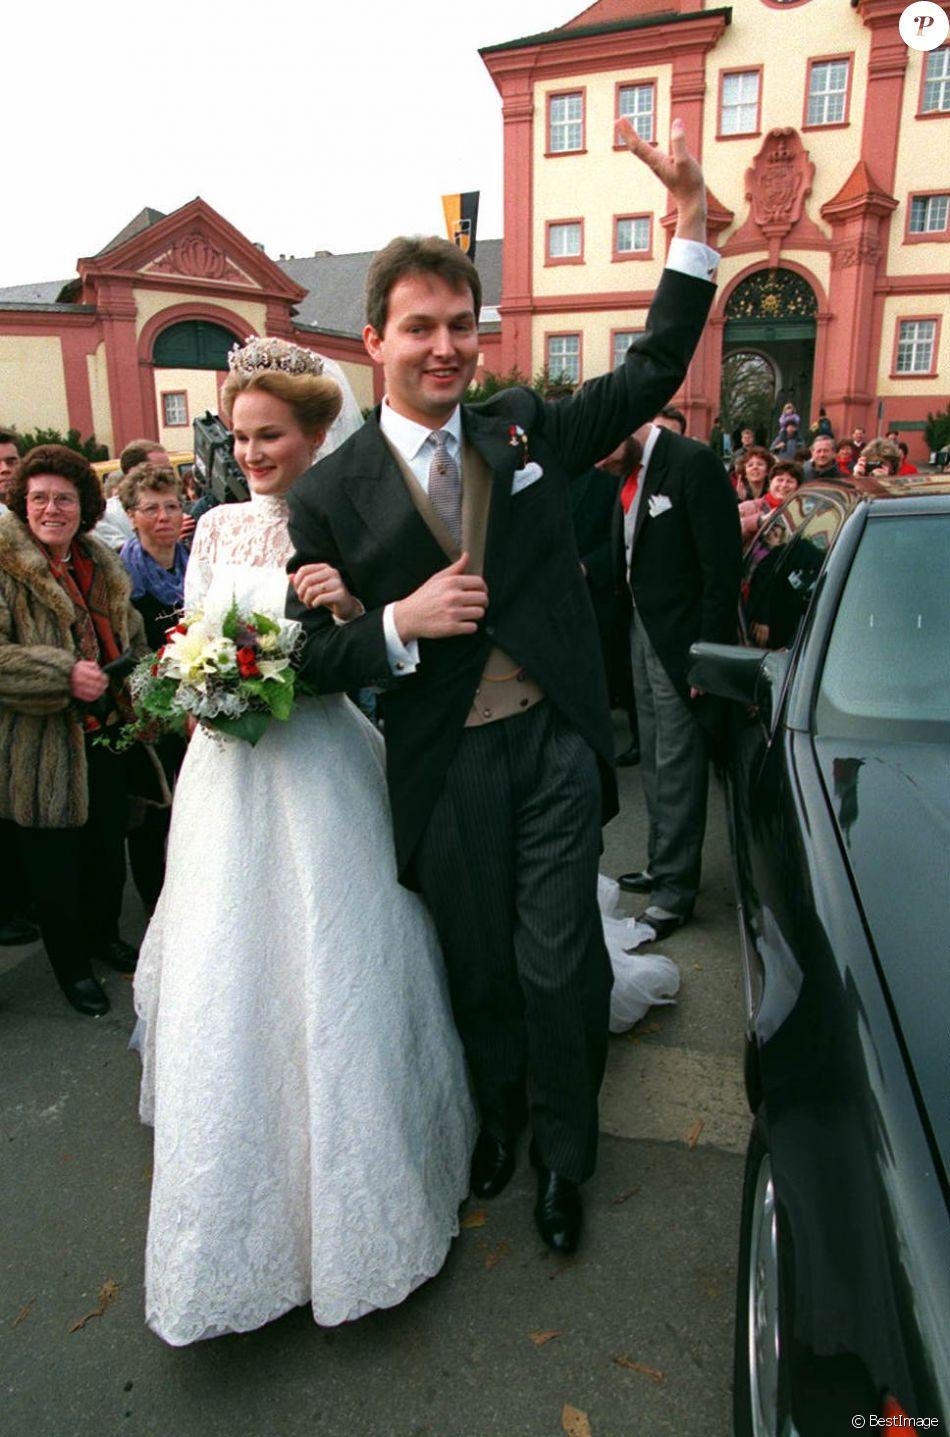 Le duc Frédéric de Wurtemberg lors de son mariage avec la princesse Marie de Wied en novembre 1993 à Altshausen. Le duc héritier a trouvé la mort à 56 ans le 9 mai 2018 dans un accident de voiture.